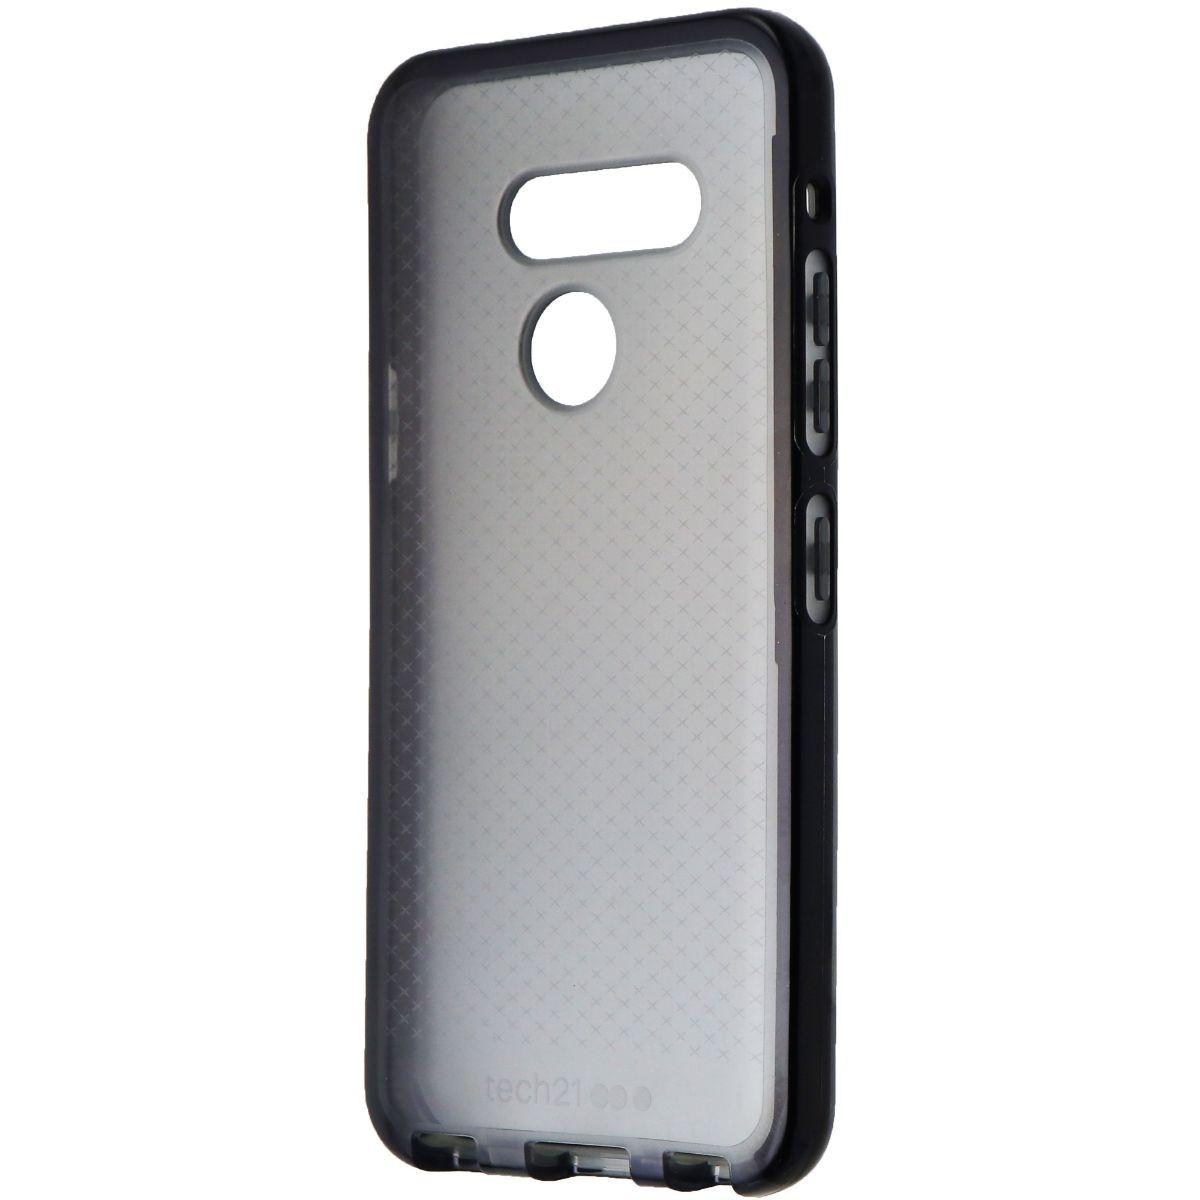 Tech21 Evo Check Series Case for LG G8 ThinQ - Smokey Black